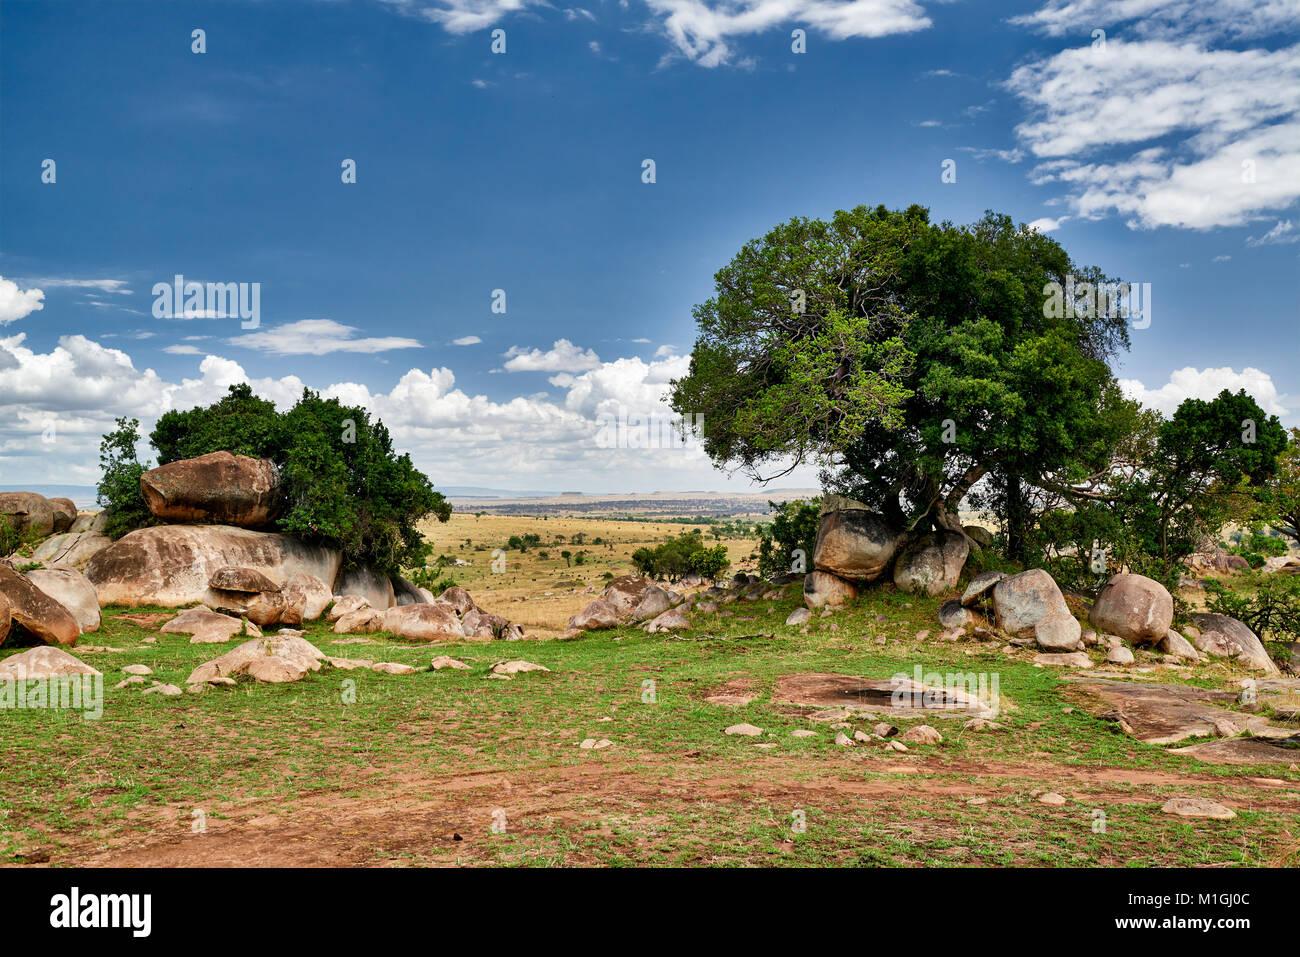 Landschaft der Serengeti Nationalpark, UNESCO-Weltkulturerbe, Tansania, Afrika Stockbild